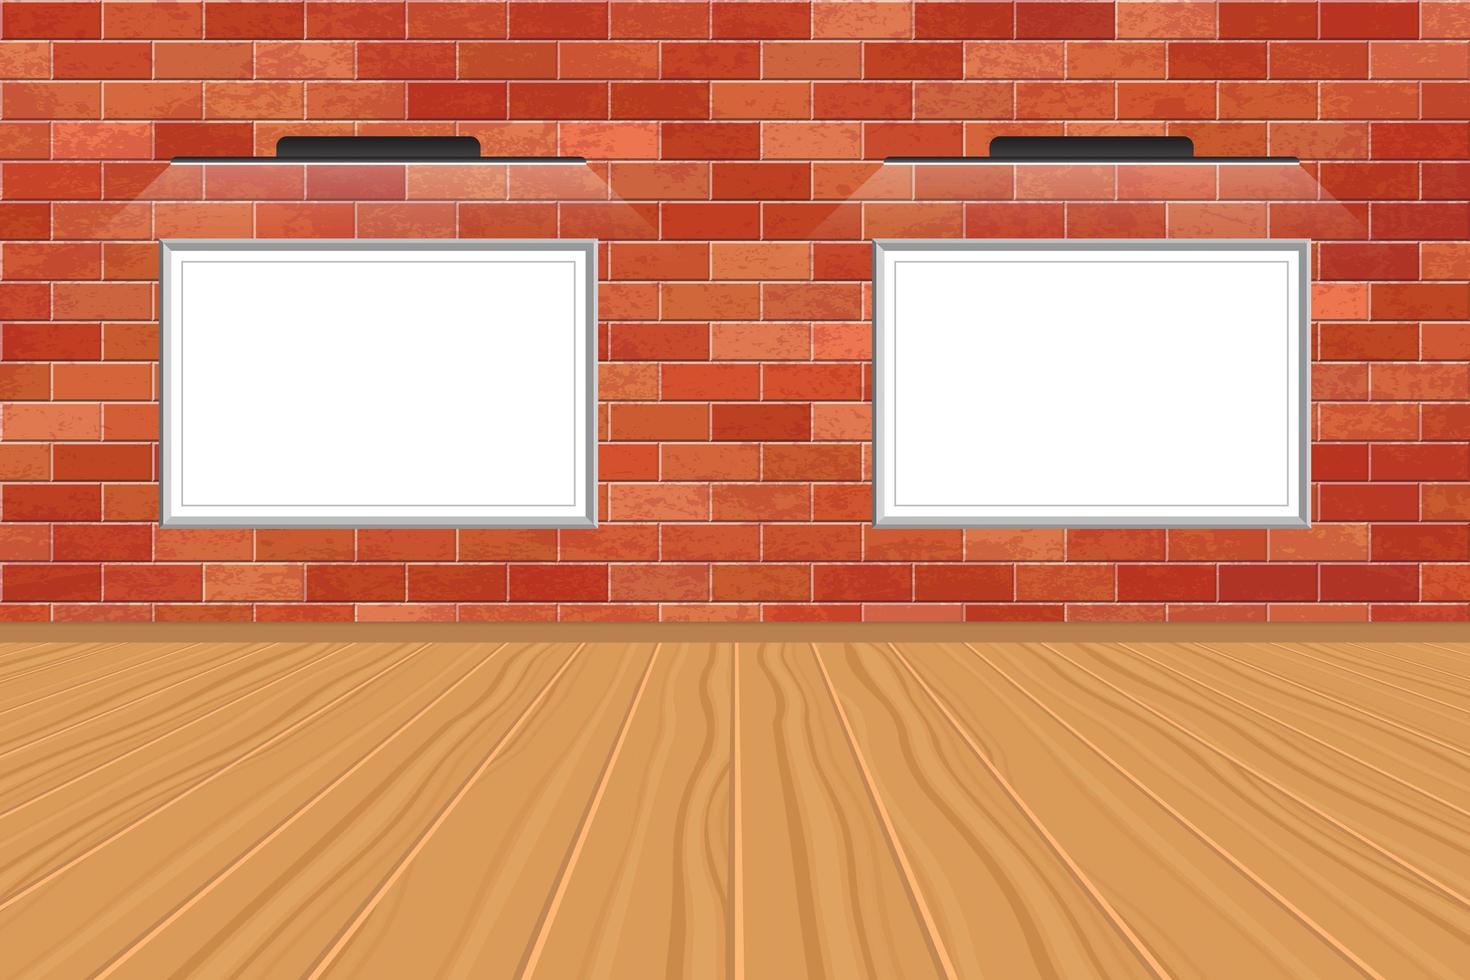 imagens de maquete com luz led na parede de tijolo vetor